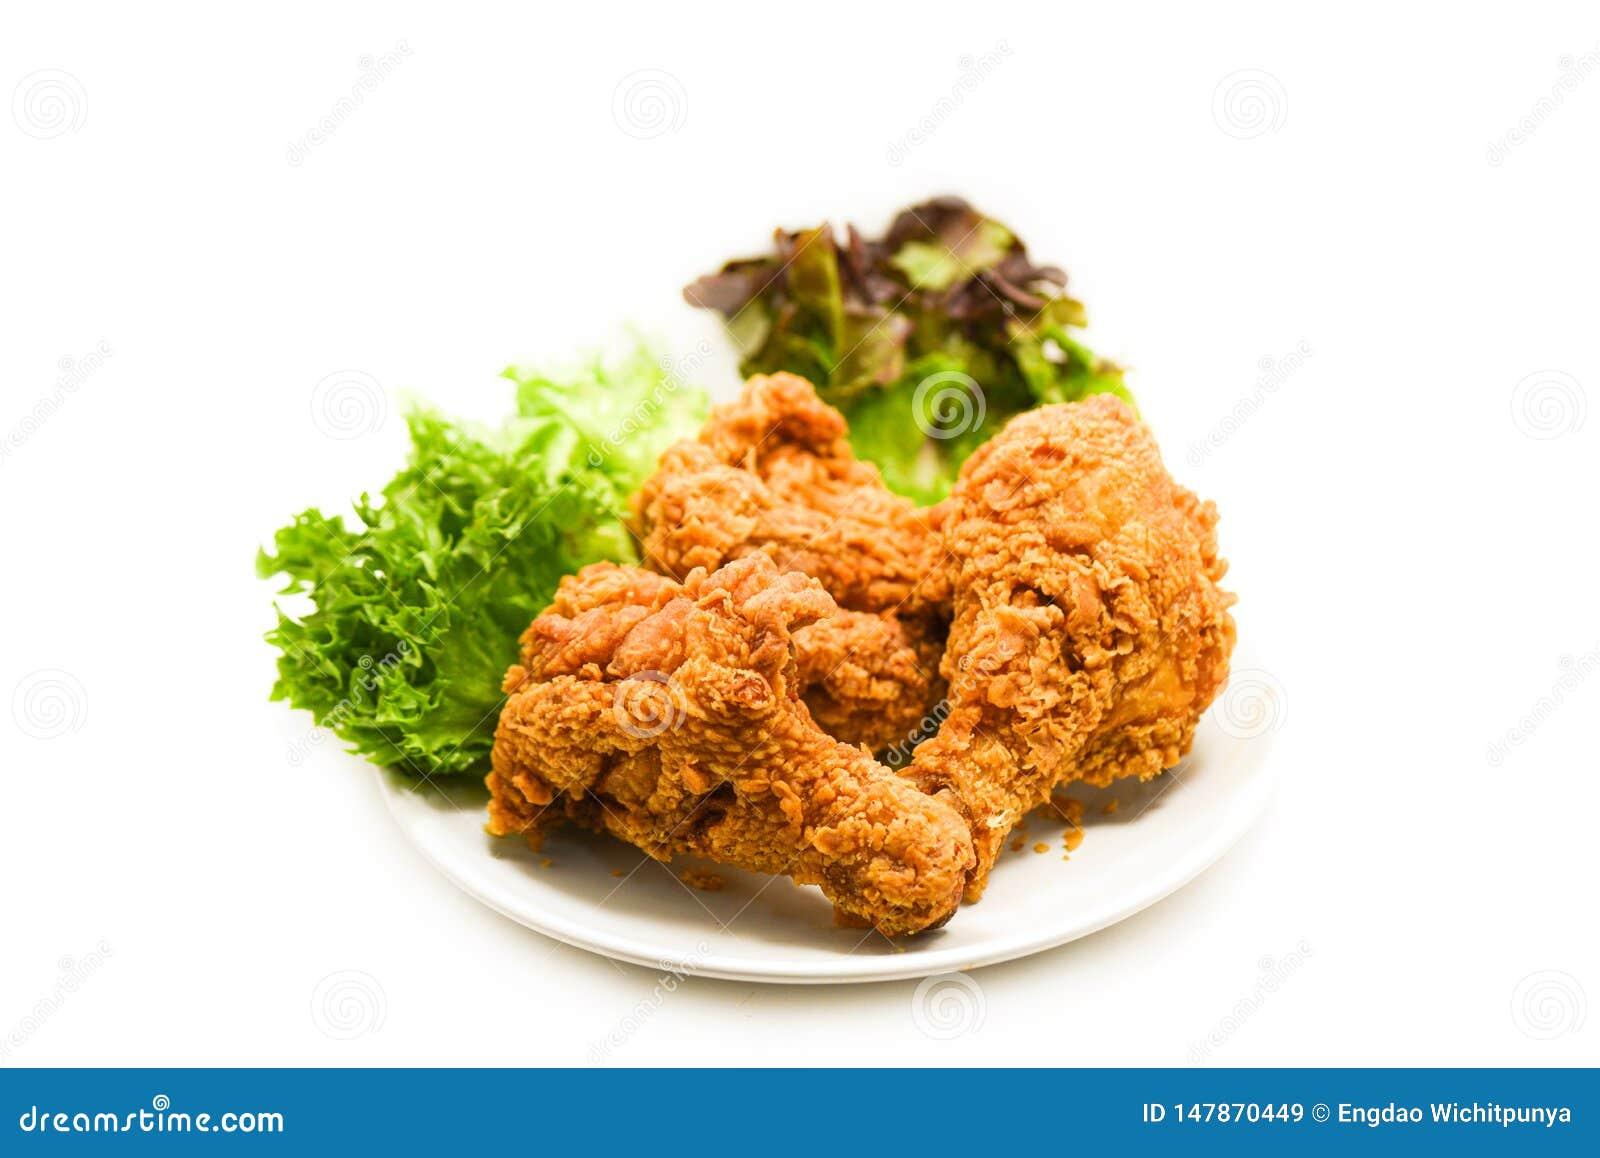 Poulet frit croustillant du plat avec de la laitue de salade sur le blanc